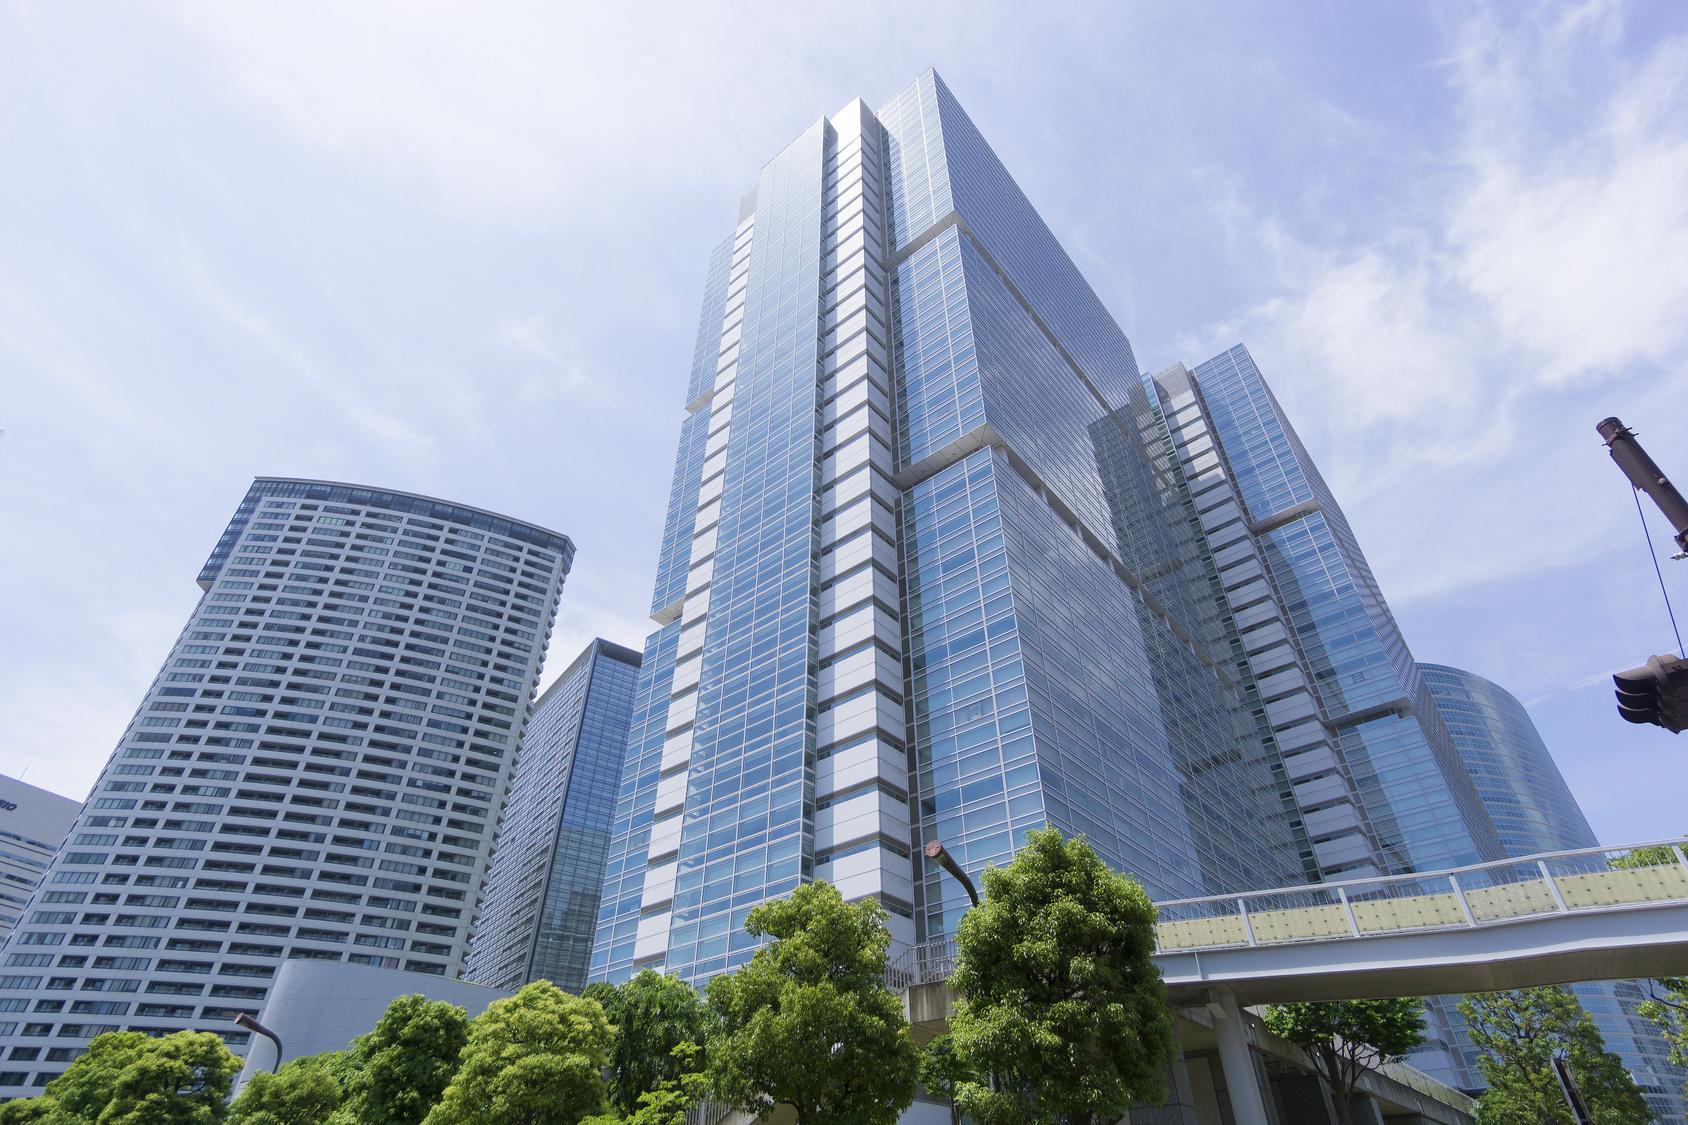 ラーメン横町で一番になれれば、日本一の大企業にもなれる